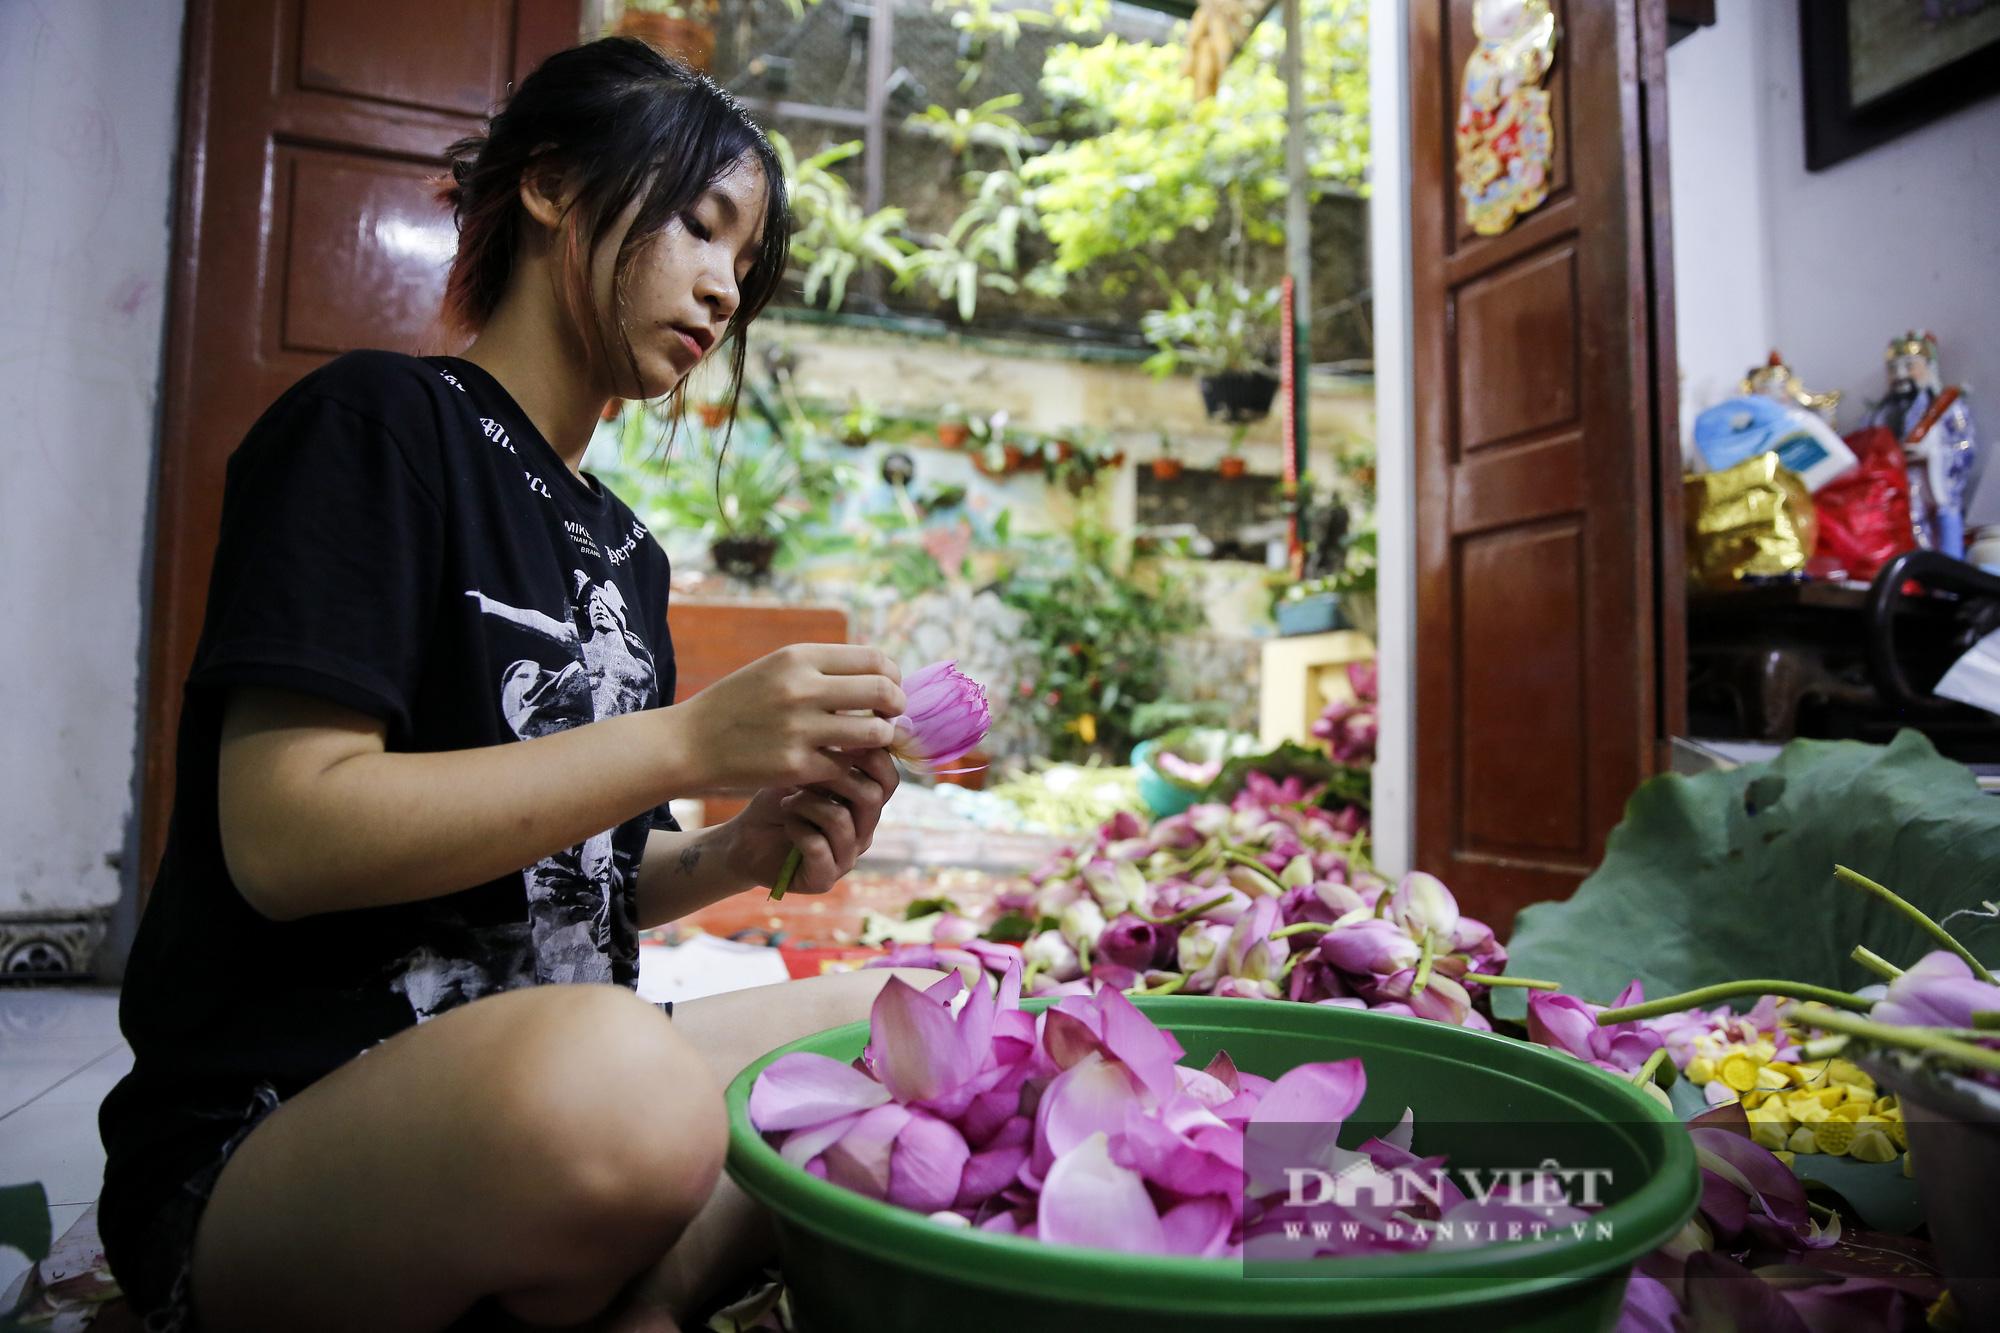 Tận mắt xem quy trình ướp trà sen đắt nhất Việt Nam - Ảnh 10.